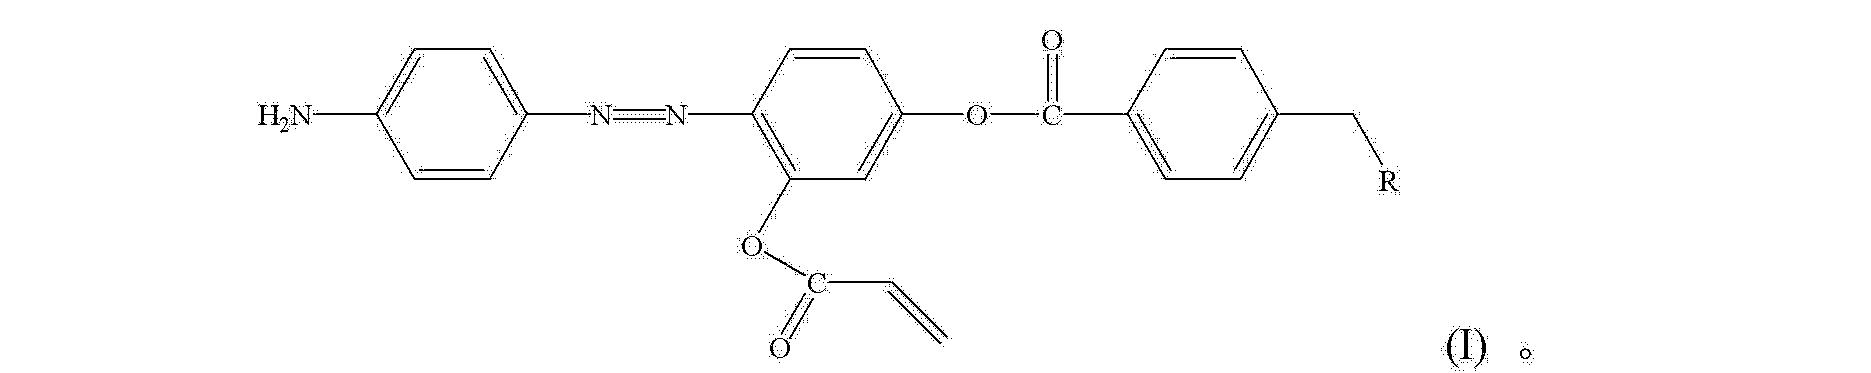 Figure CN103013532AC00024